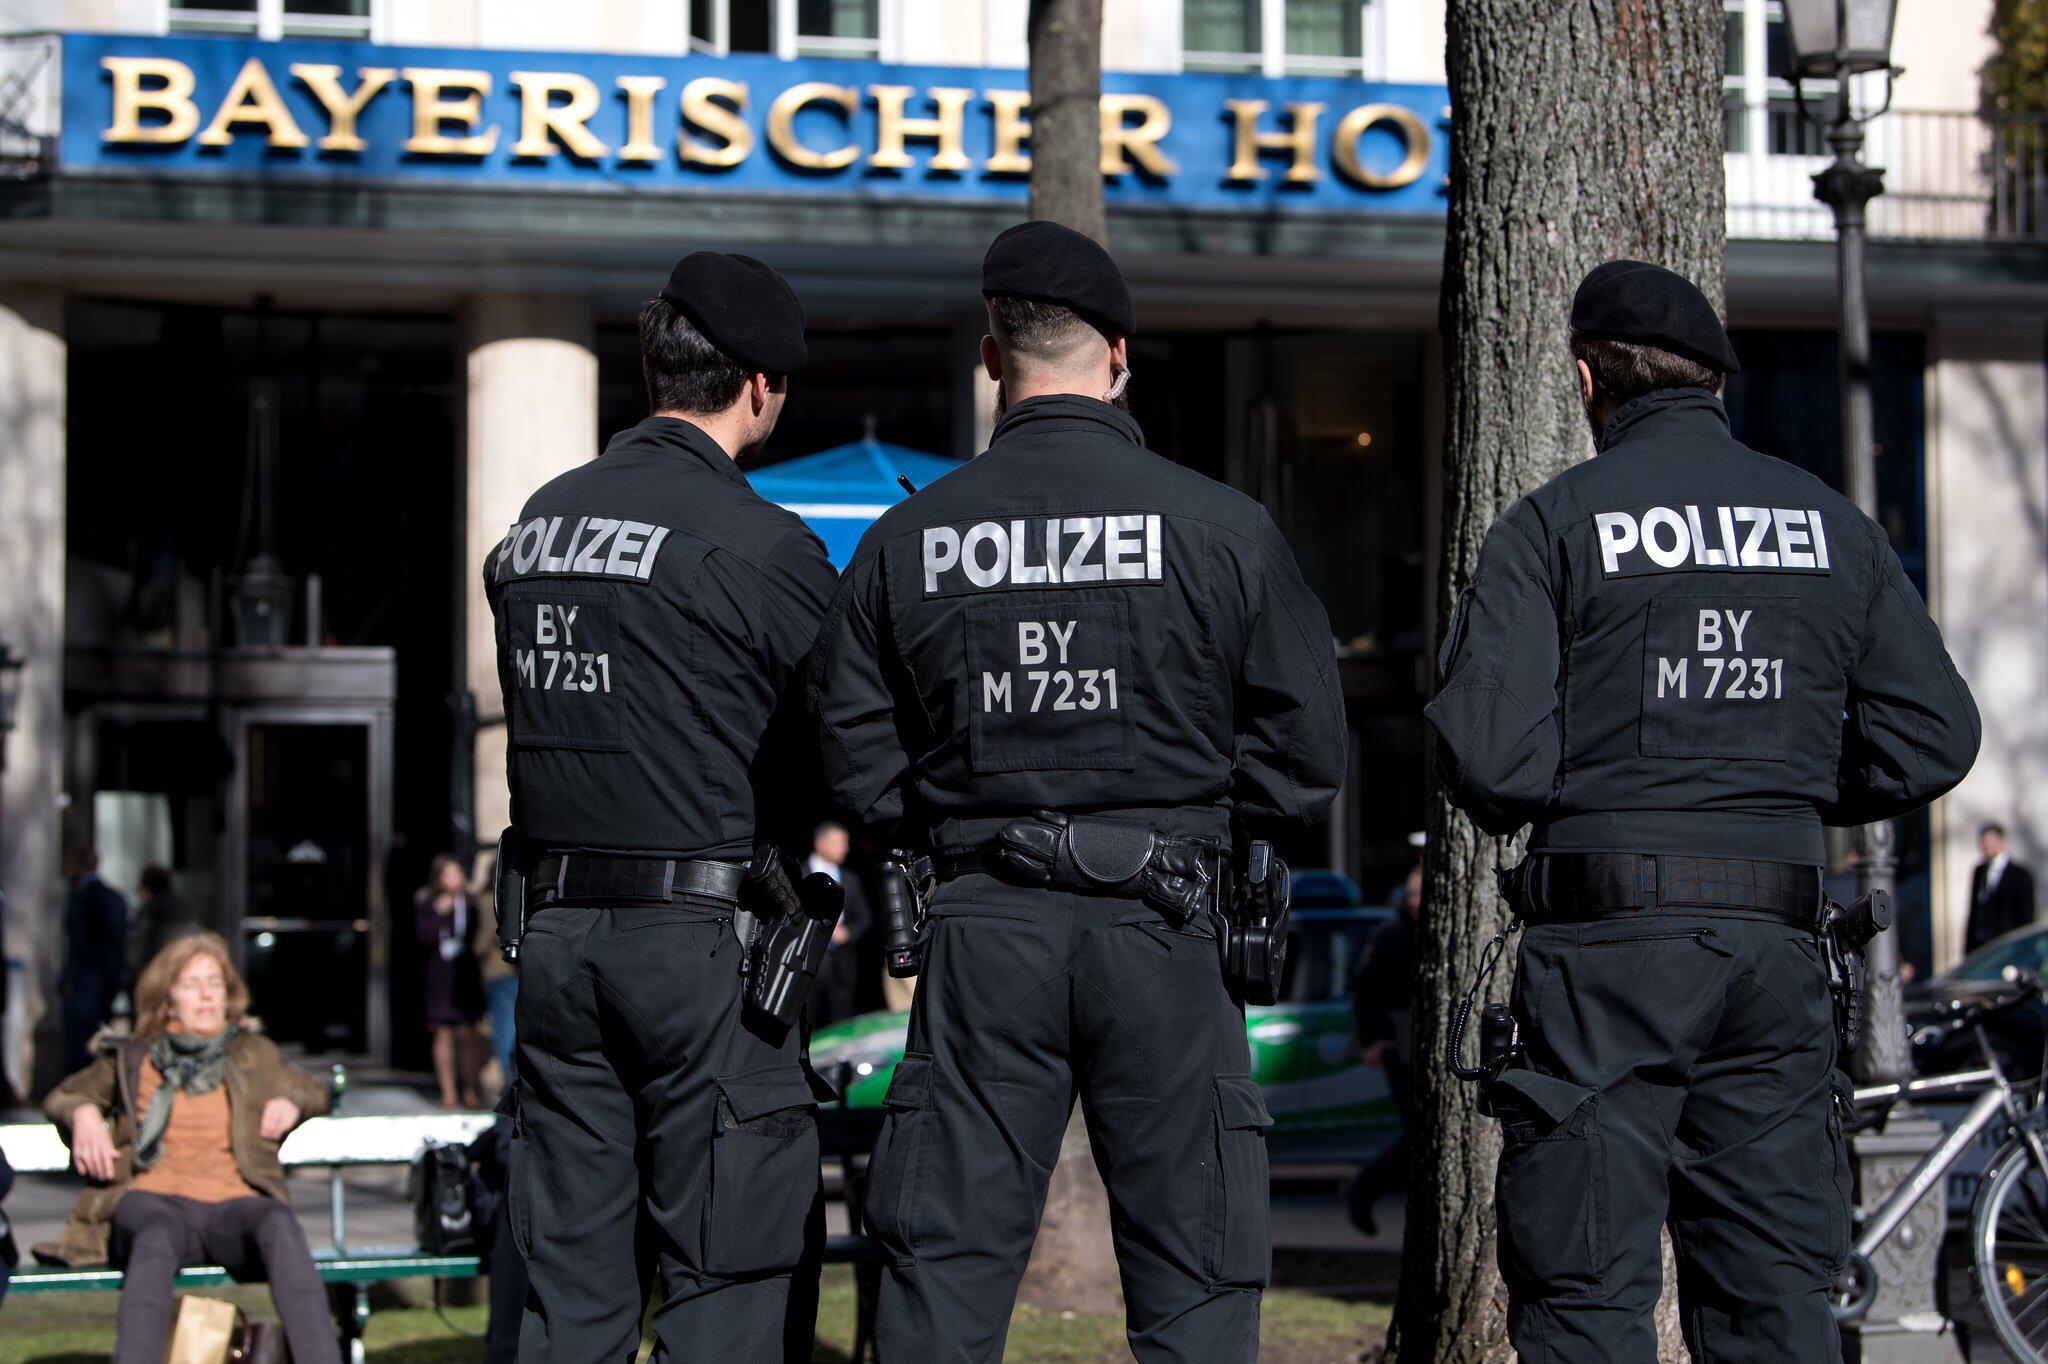 Bild zu Münchner Sicherheitskonferenz, Polizei, Bayerischer Hof